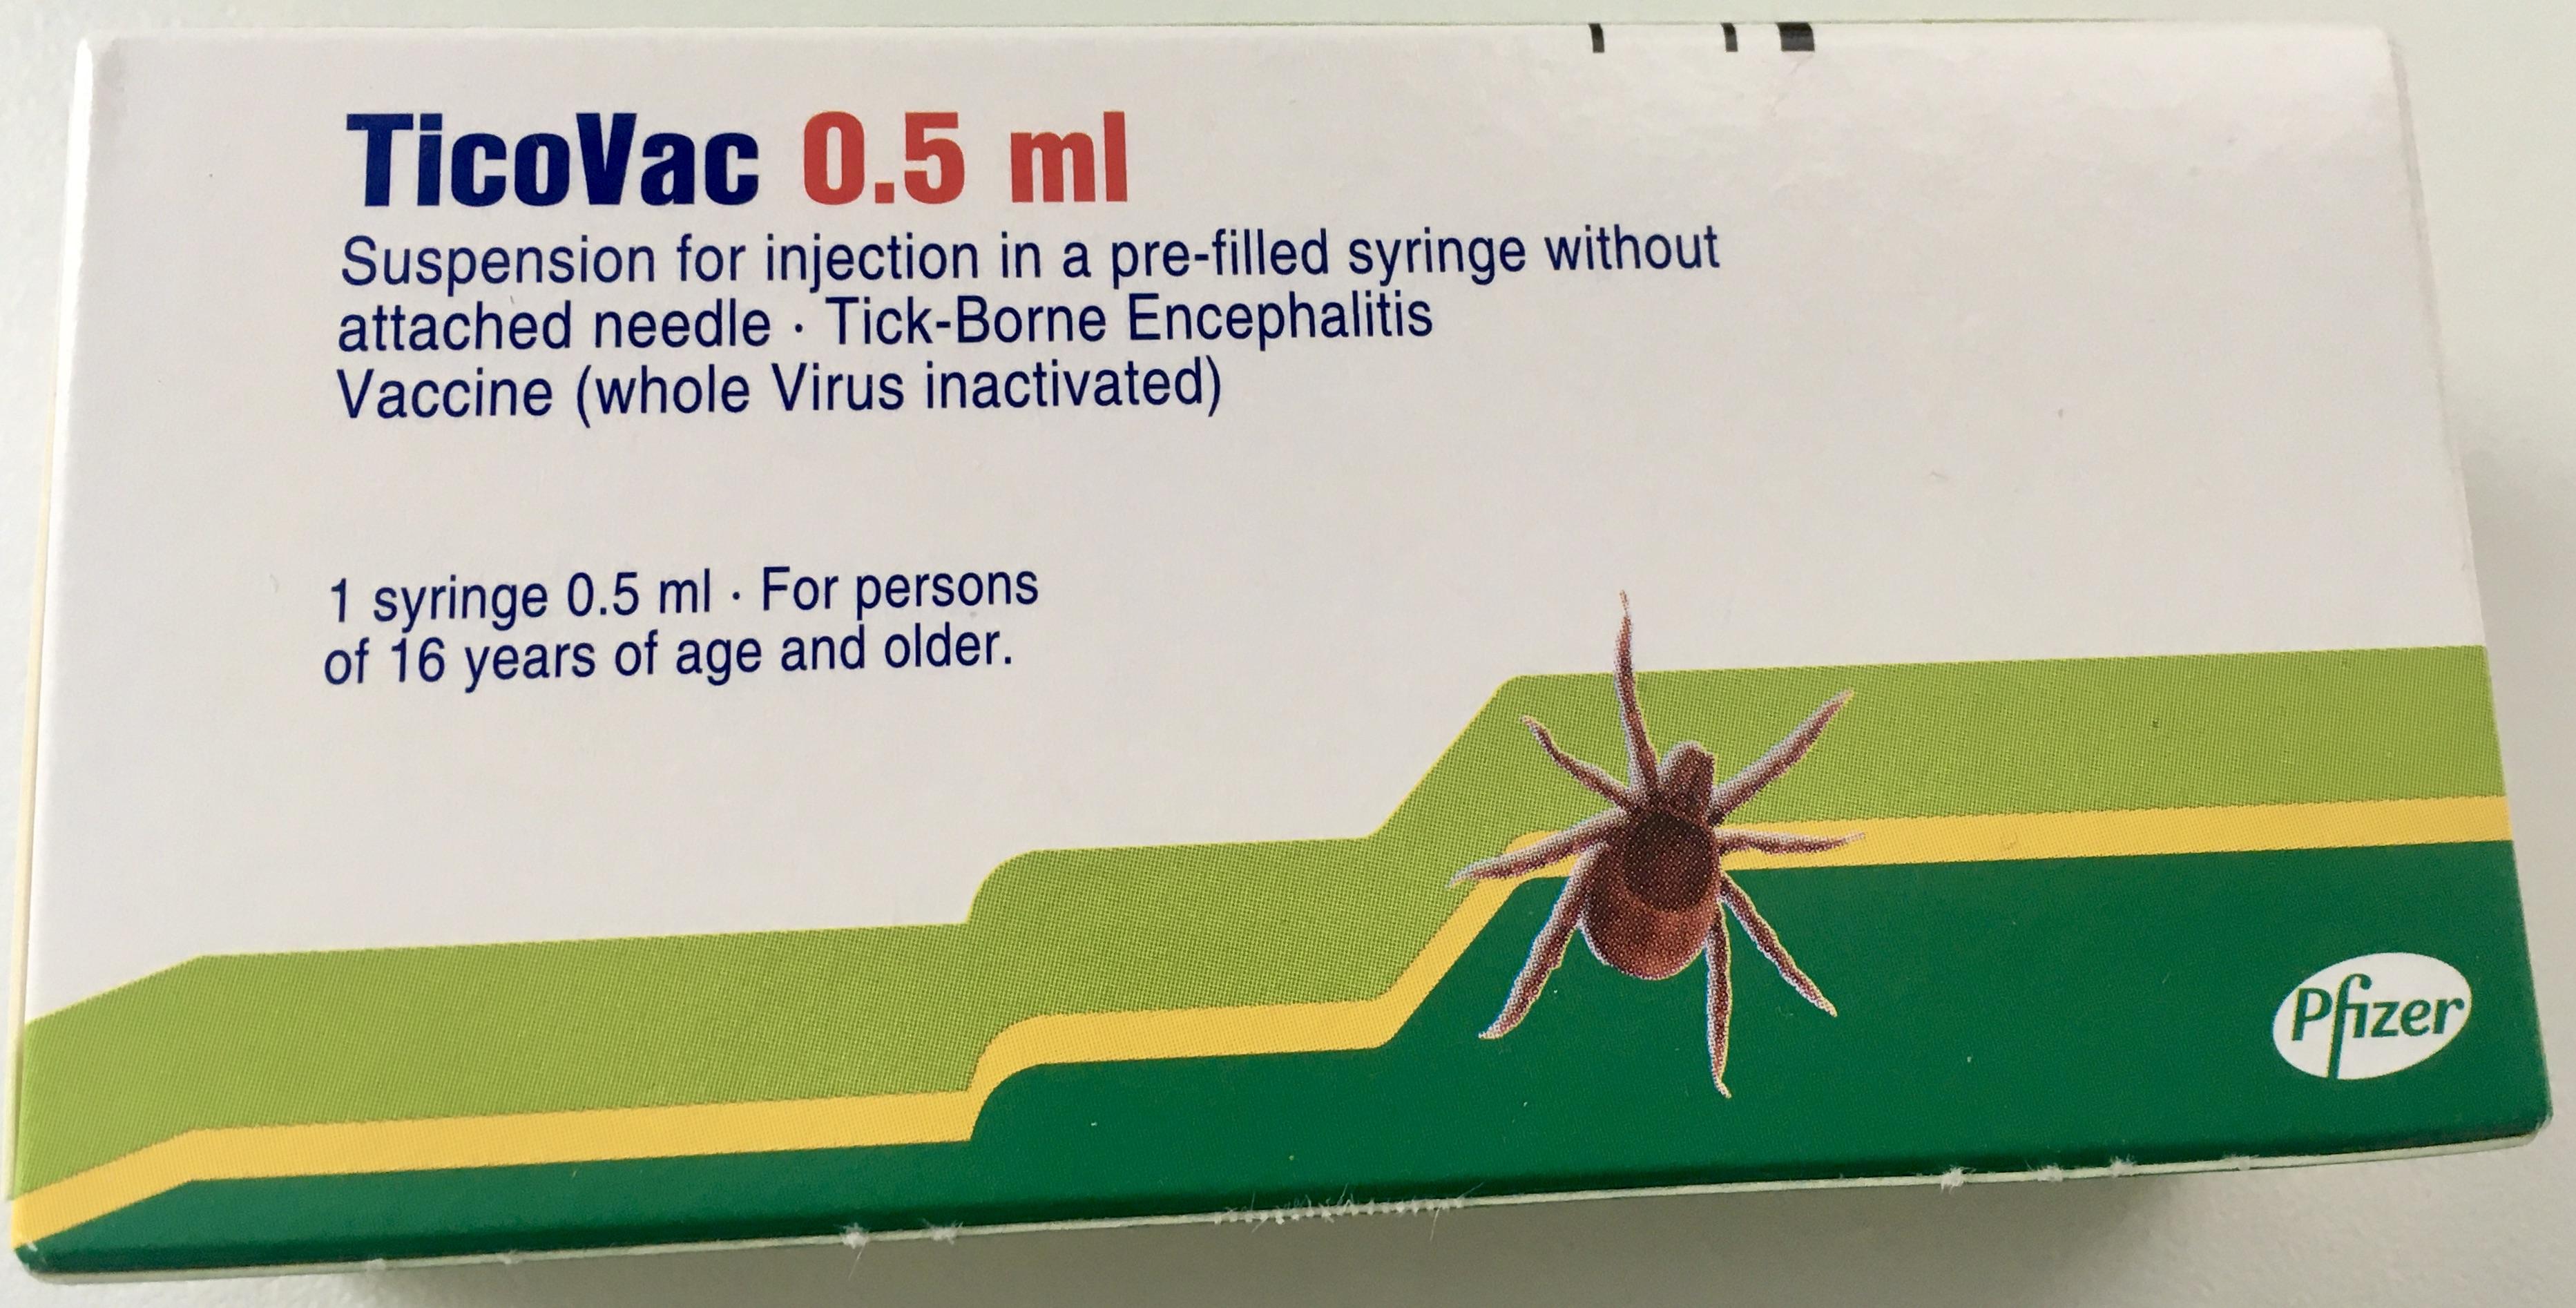 FlyingMedicine Ticovac